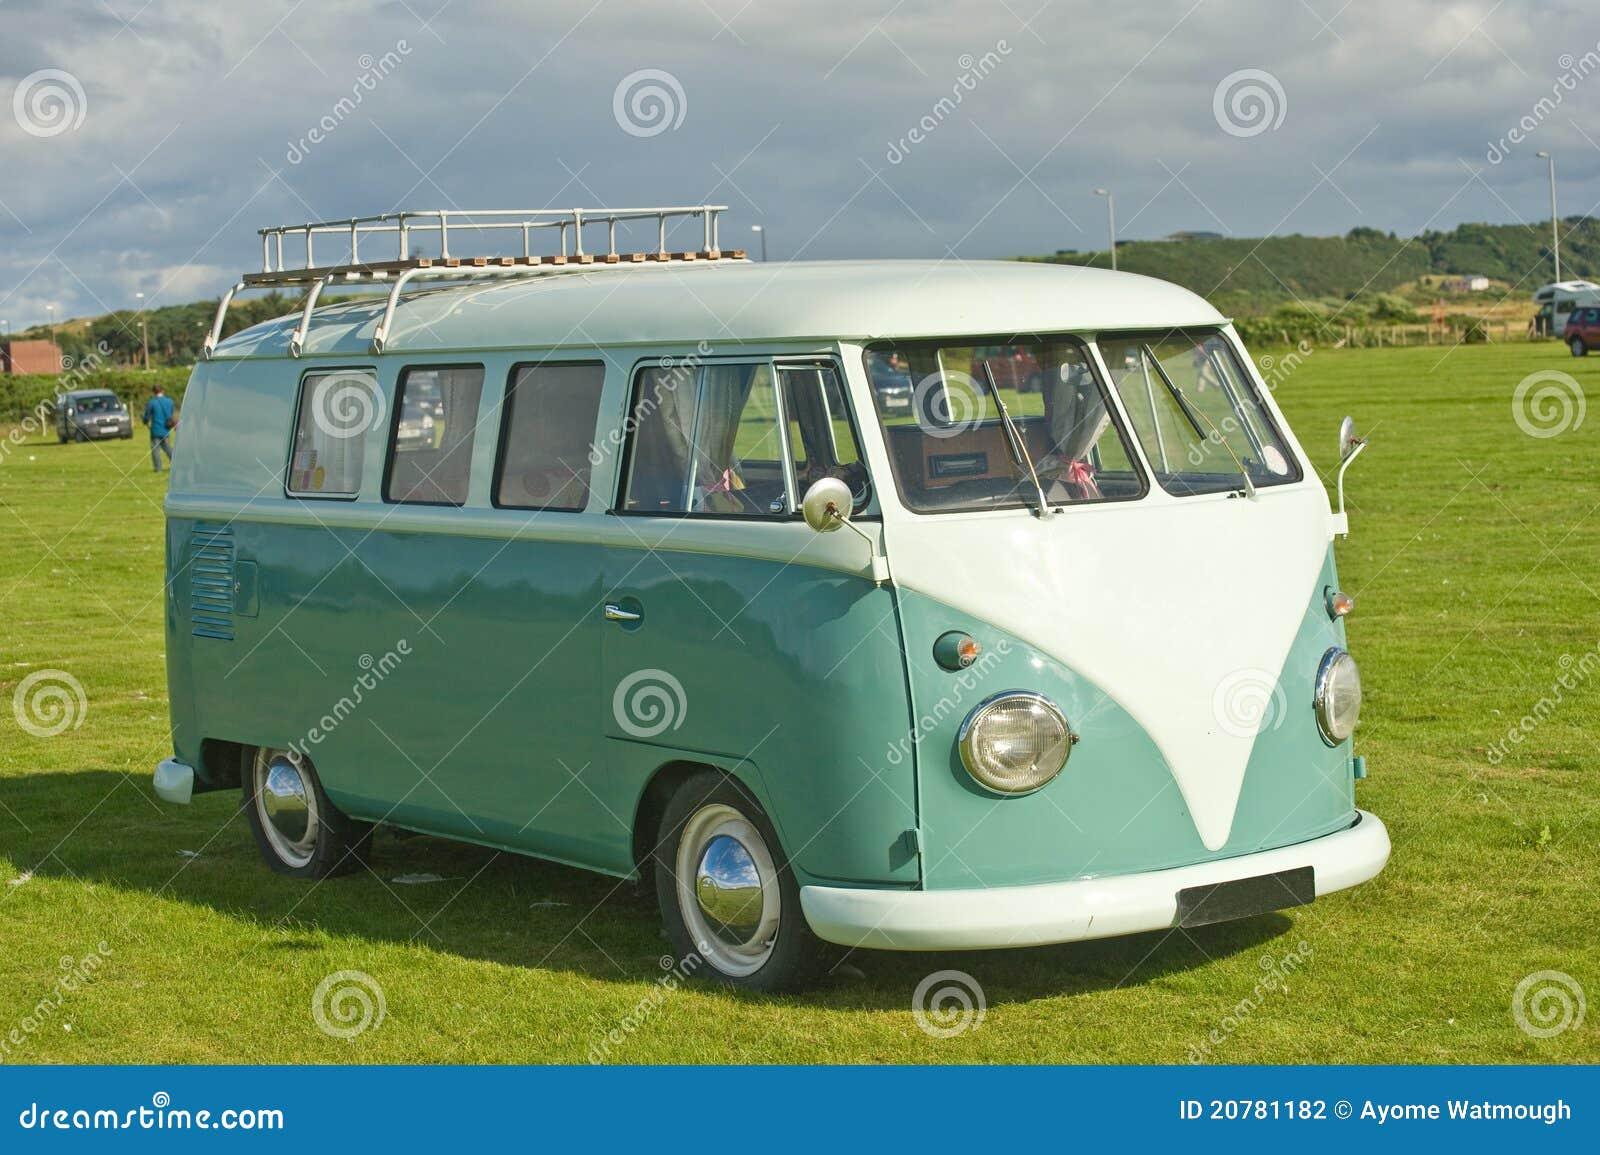 Very early VW sleeping van.